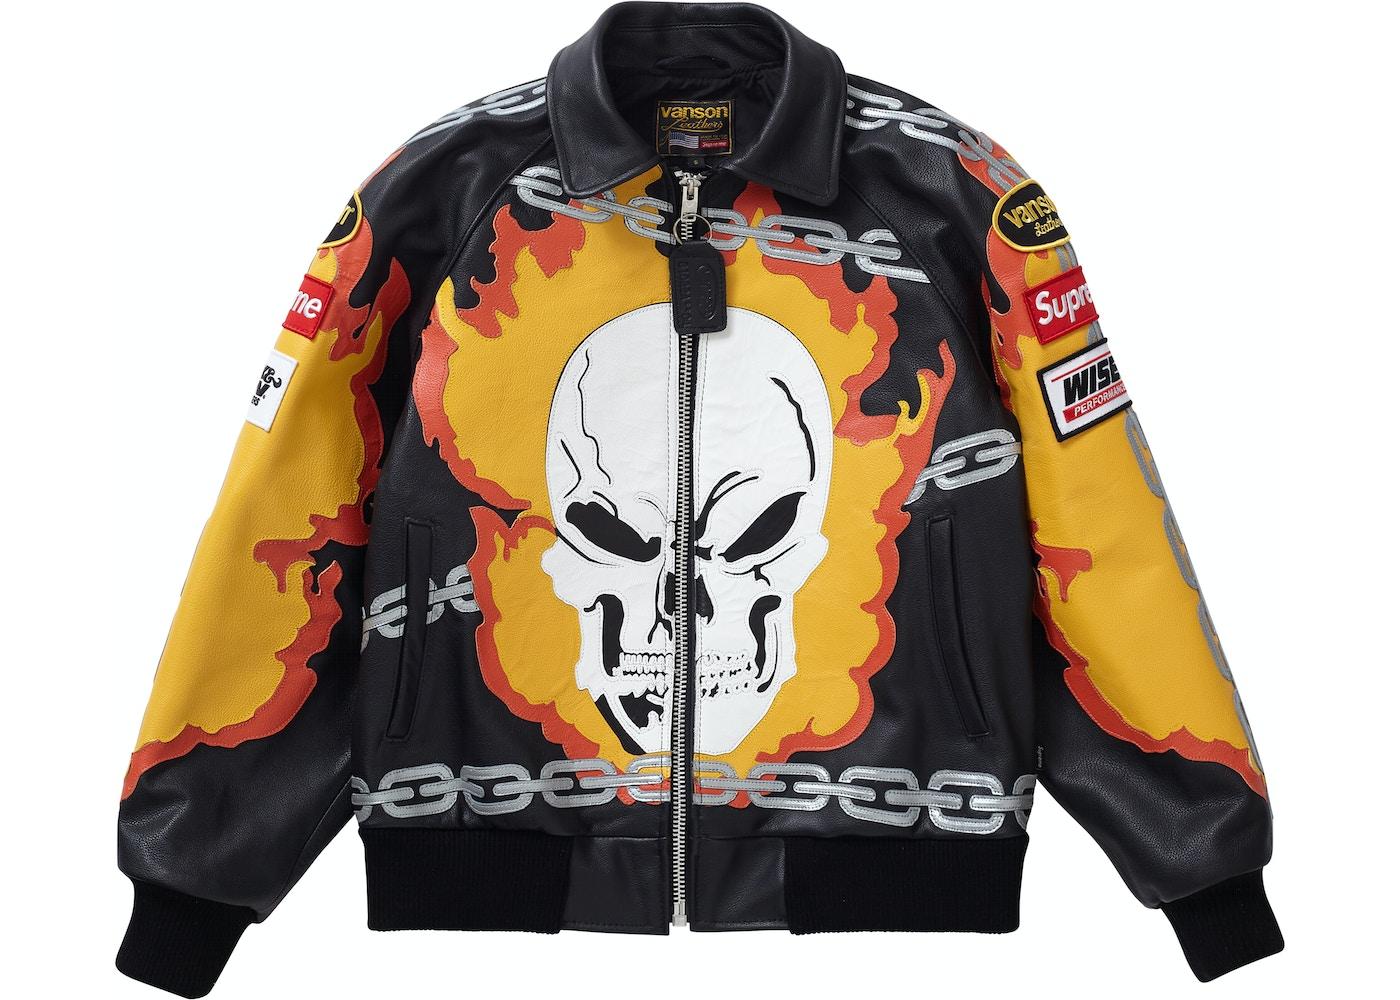 73f9d1c21 Streetwear - Supreme Jackets - Highest Bid